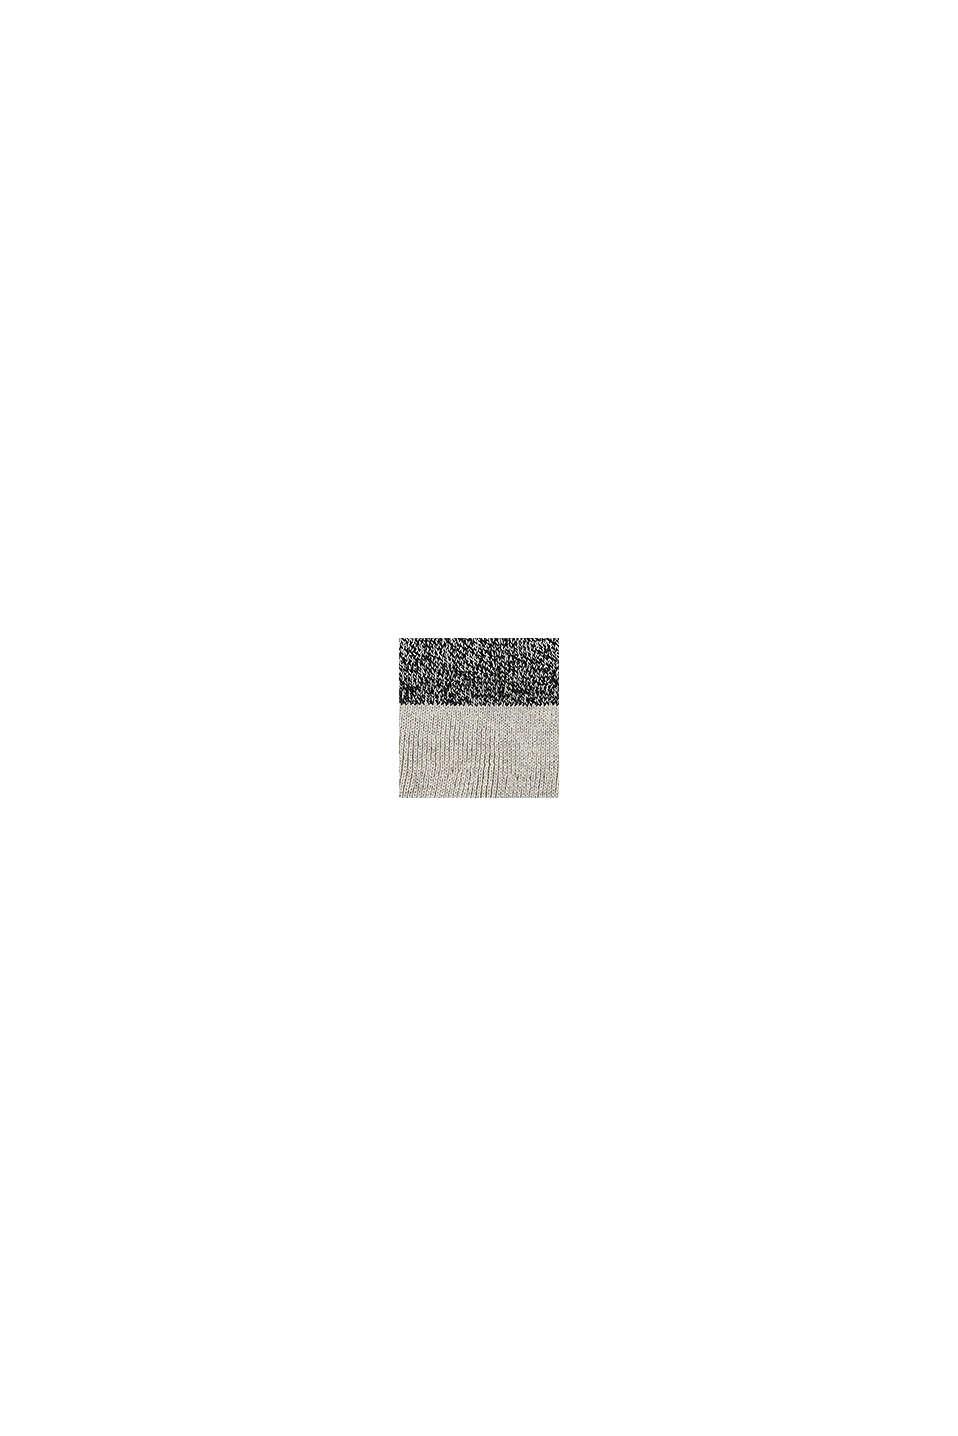 Gorro con diseño de bloques de color, MEDIUM GREY, swatch